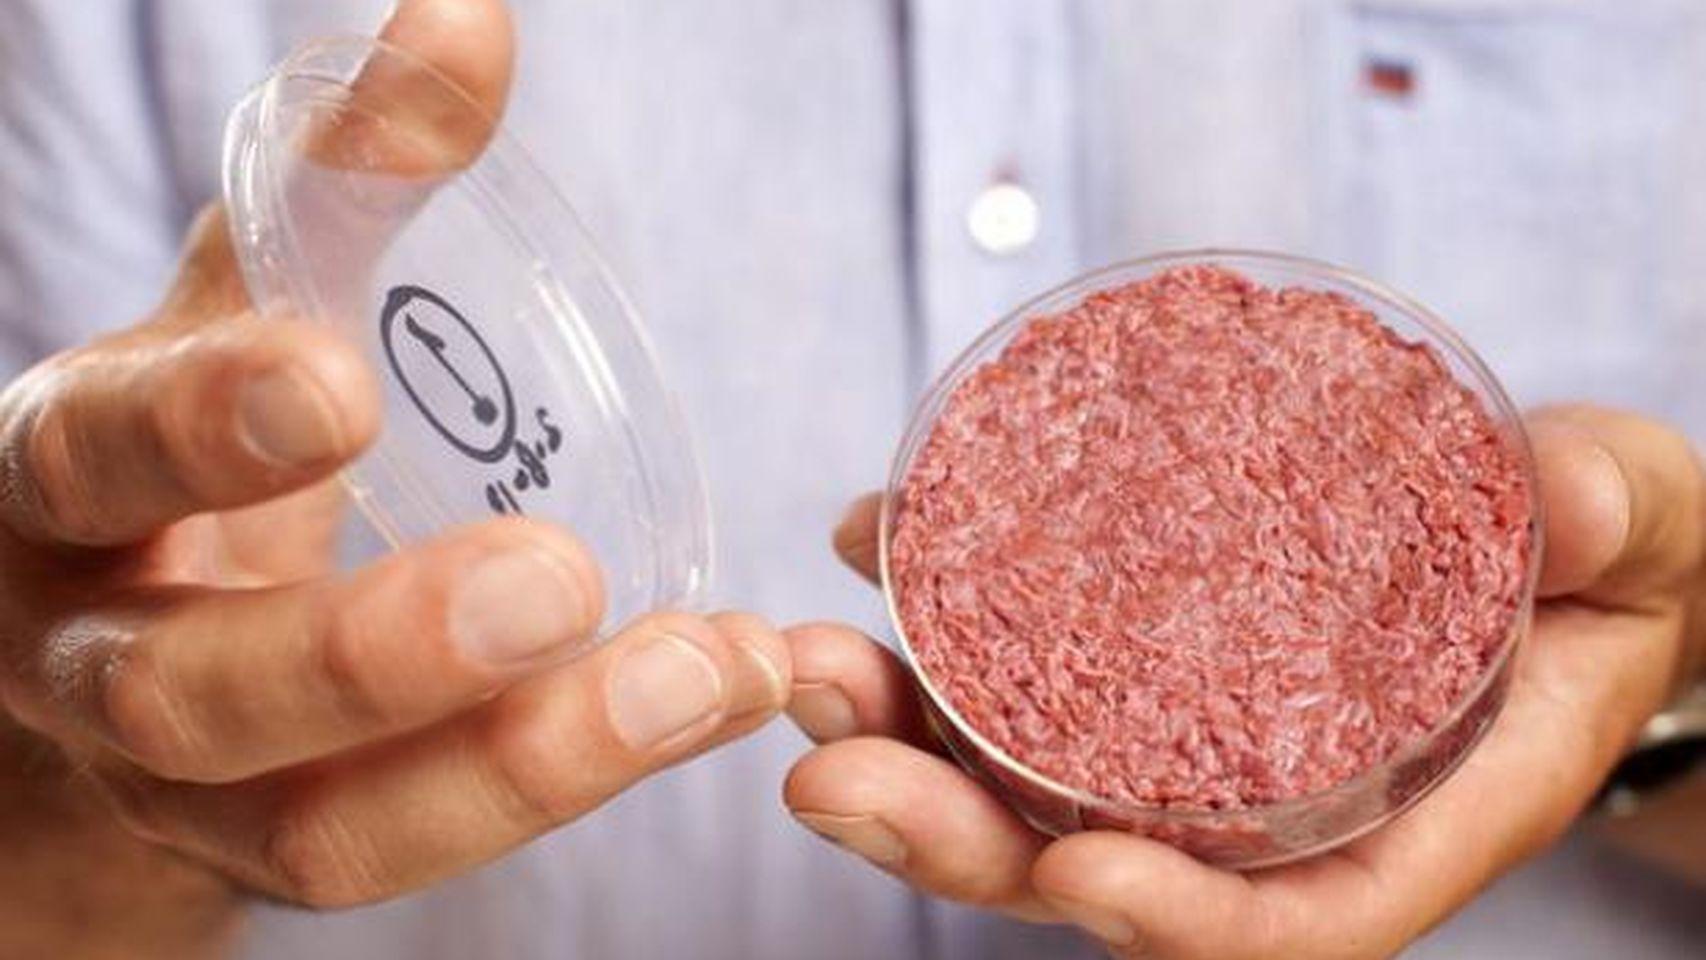 En el año 2020 podríamos comer filetes de carne de res cultivados en laboratorio | EL FRENTE